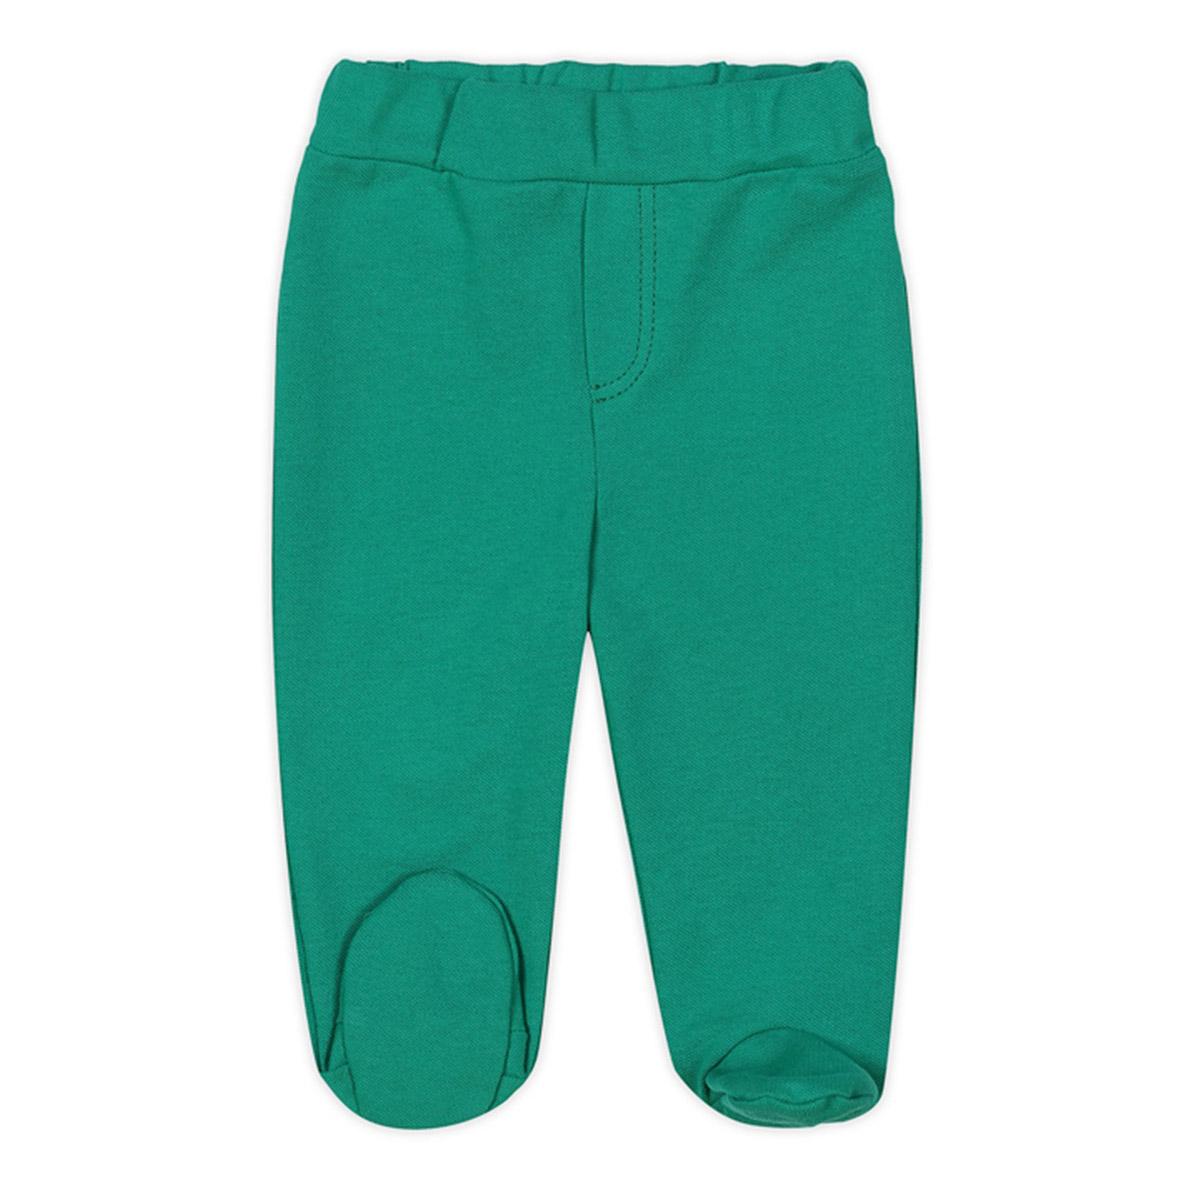 Ползунки с ножками Ёмаё Гольф (26-701) рост 74 изумрудный<br>